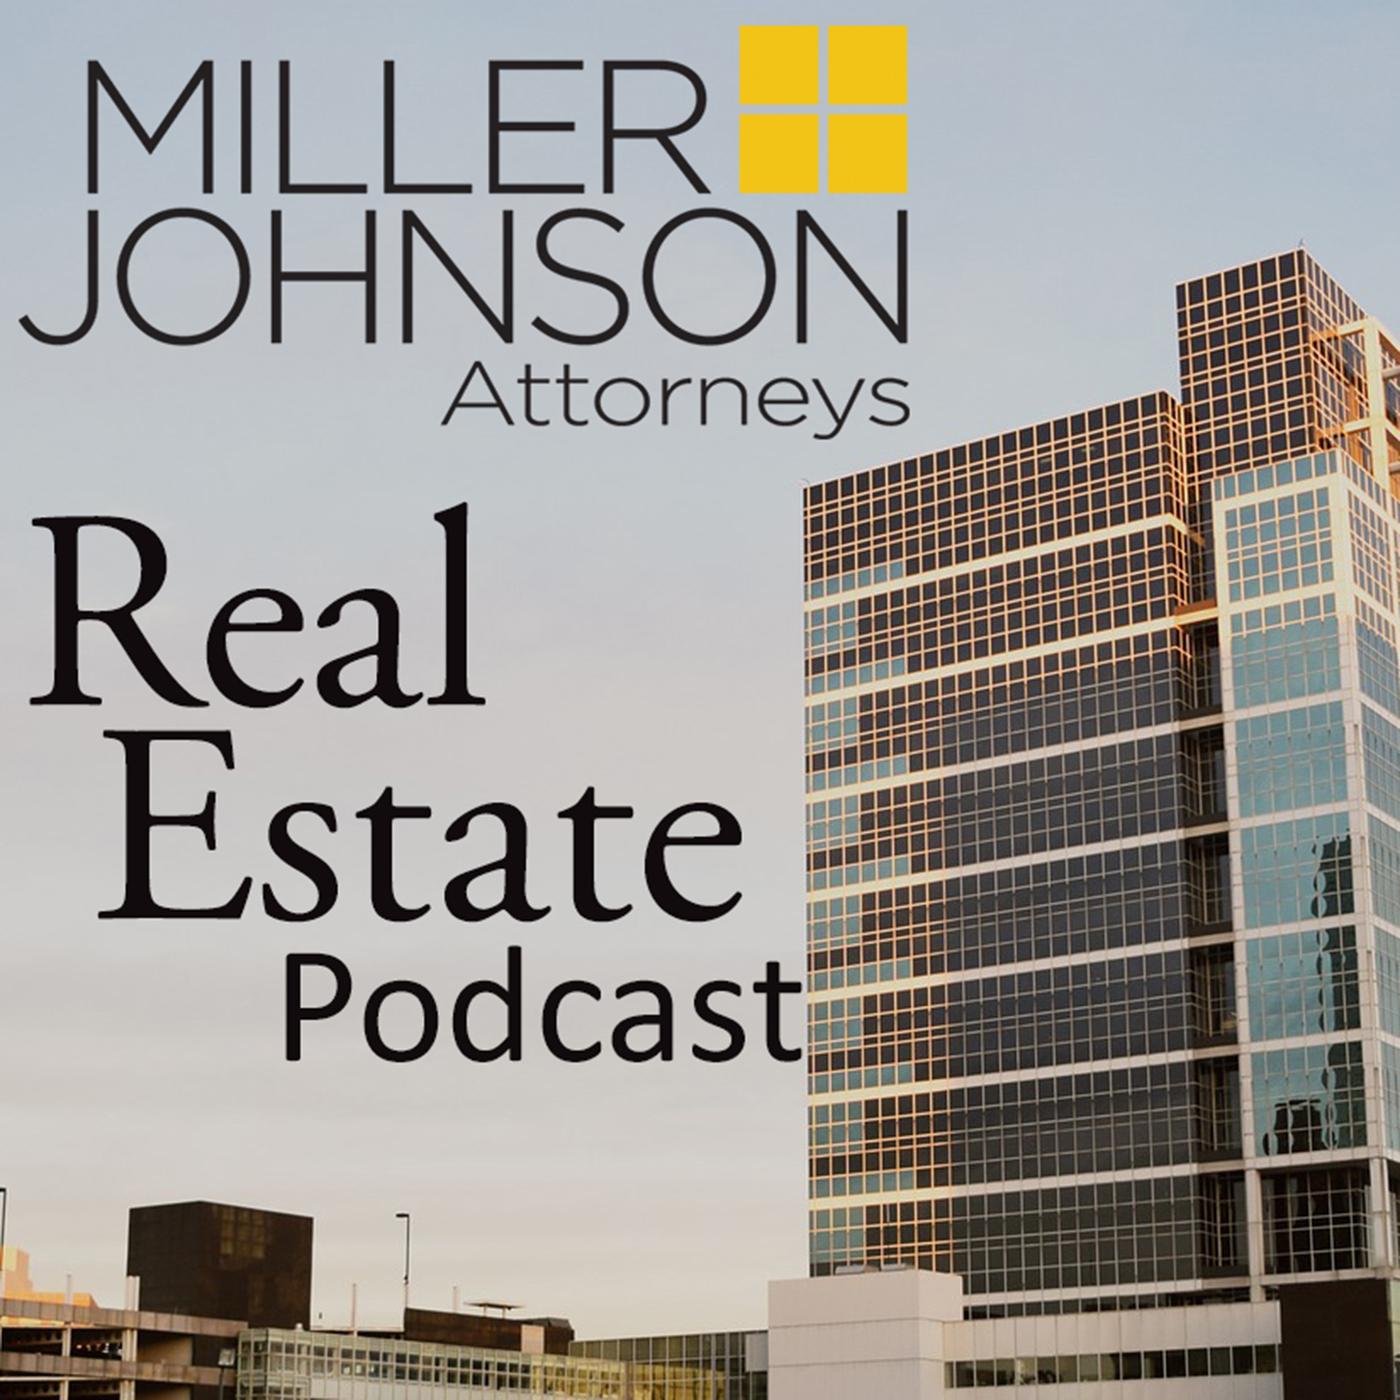 Miller Johnson Real Estate Podcast show art